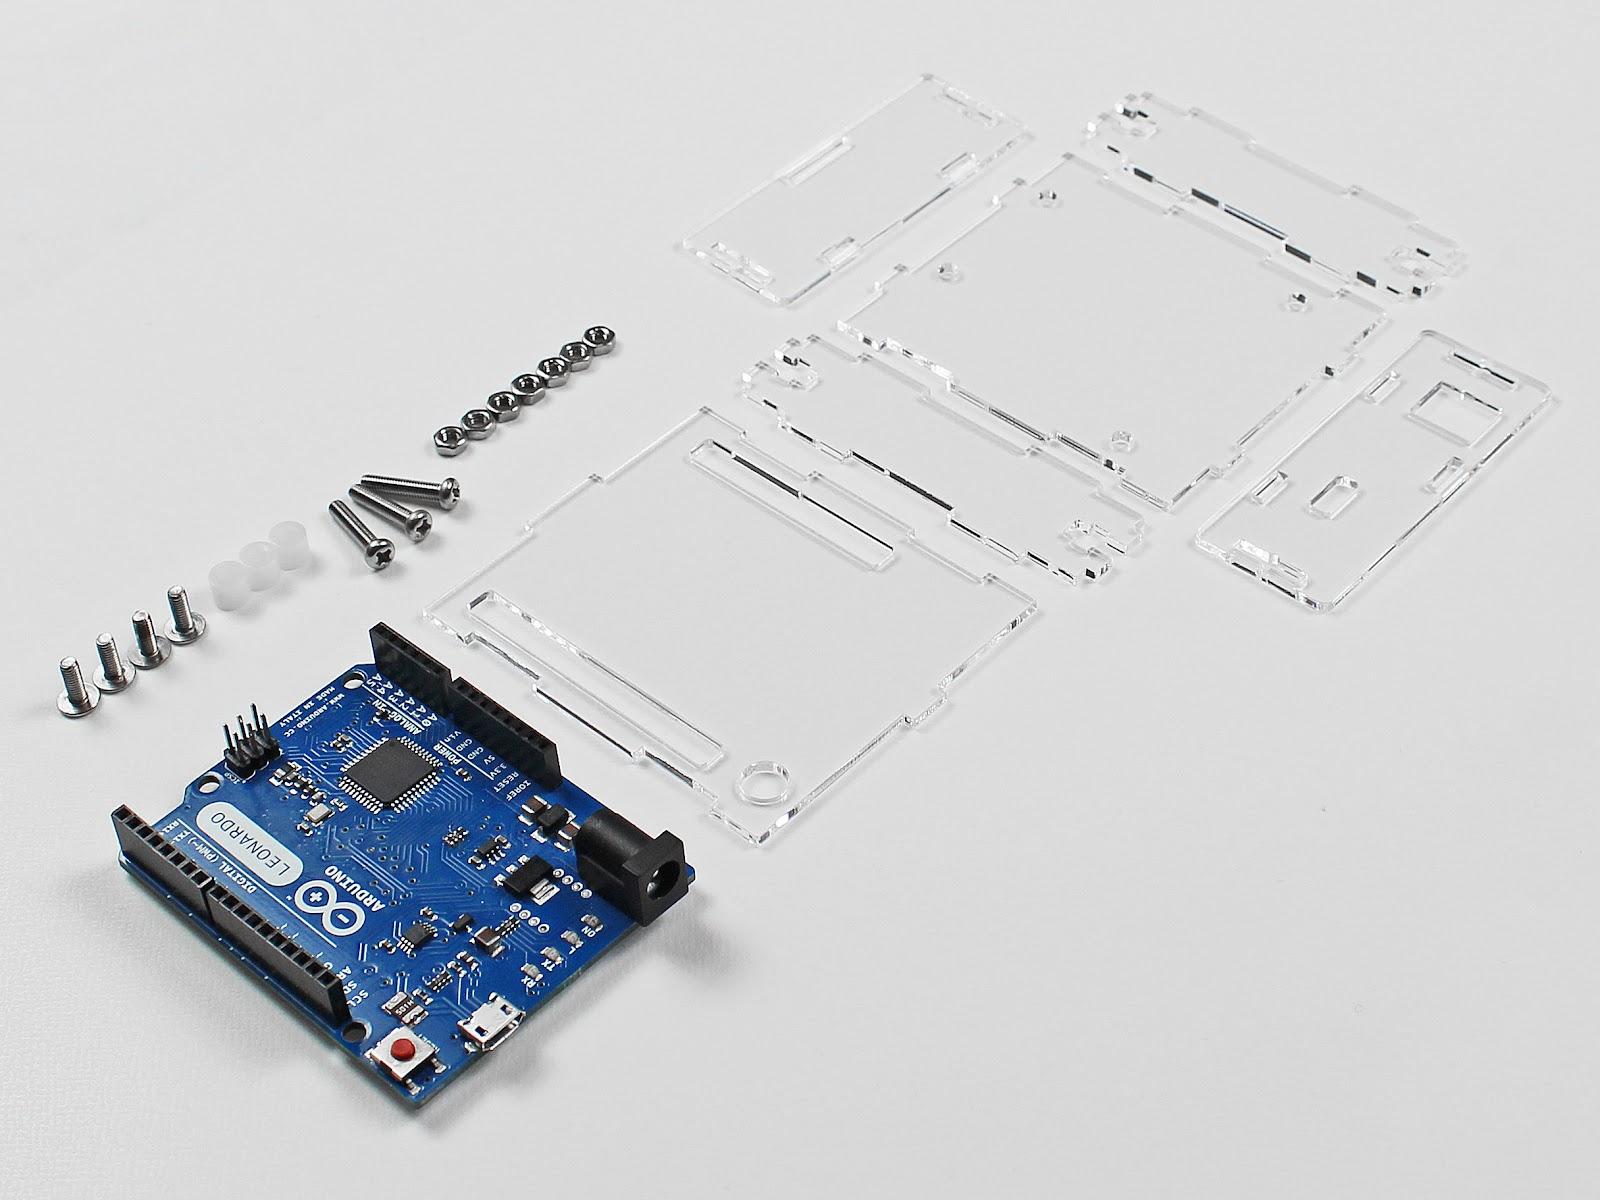 Arduinoケースのレーザーカット